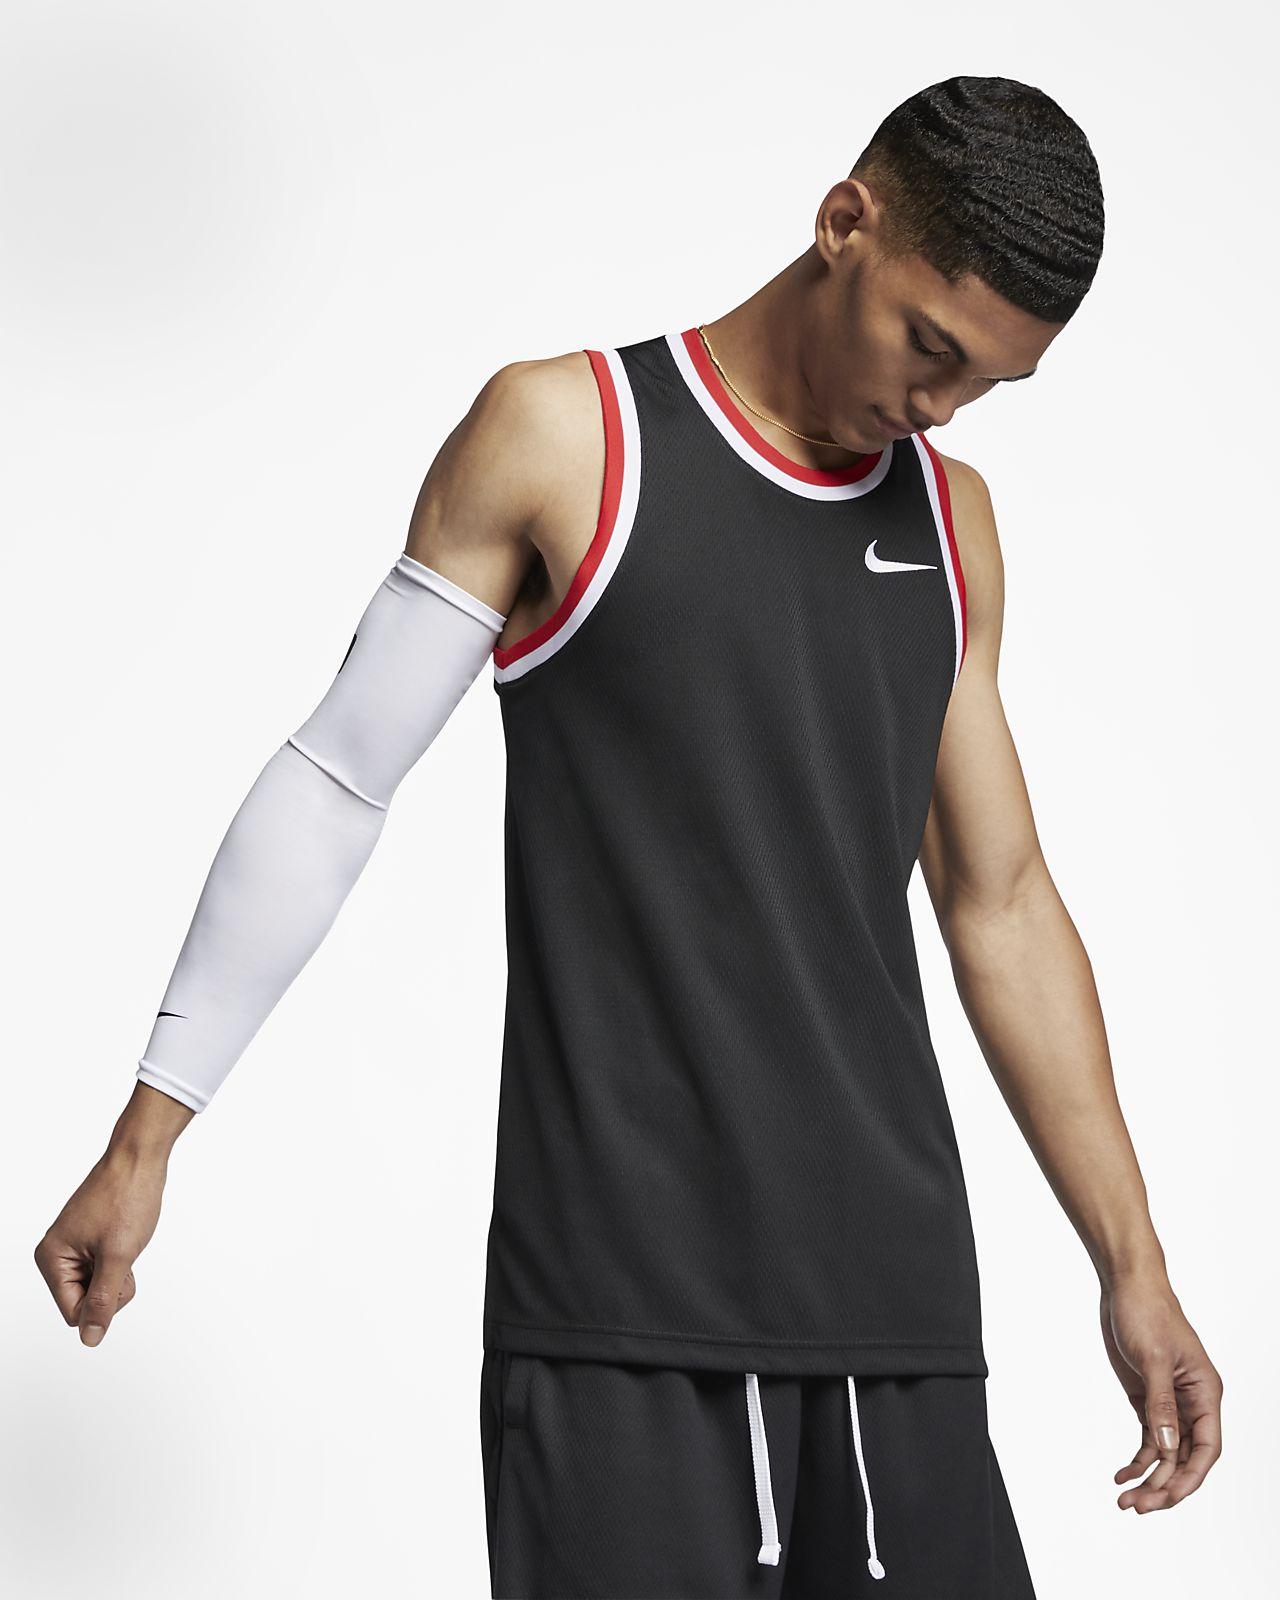 Tienda Corresponsal champán  camisetas de baloncesto nike - 77% descuento - www.vantravel.com.ar